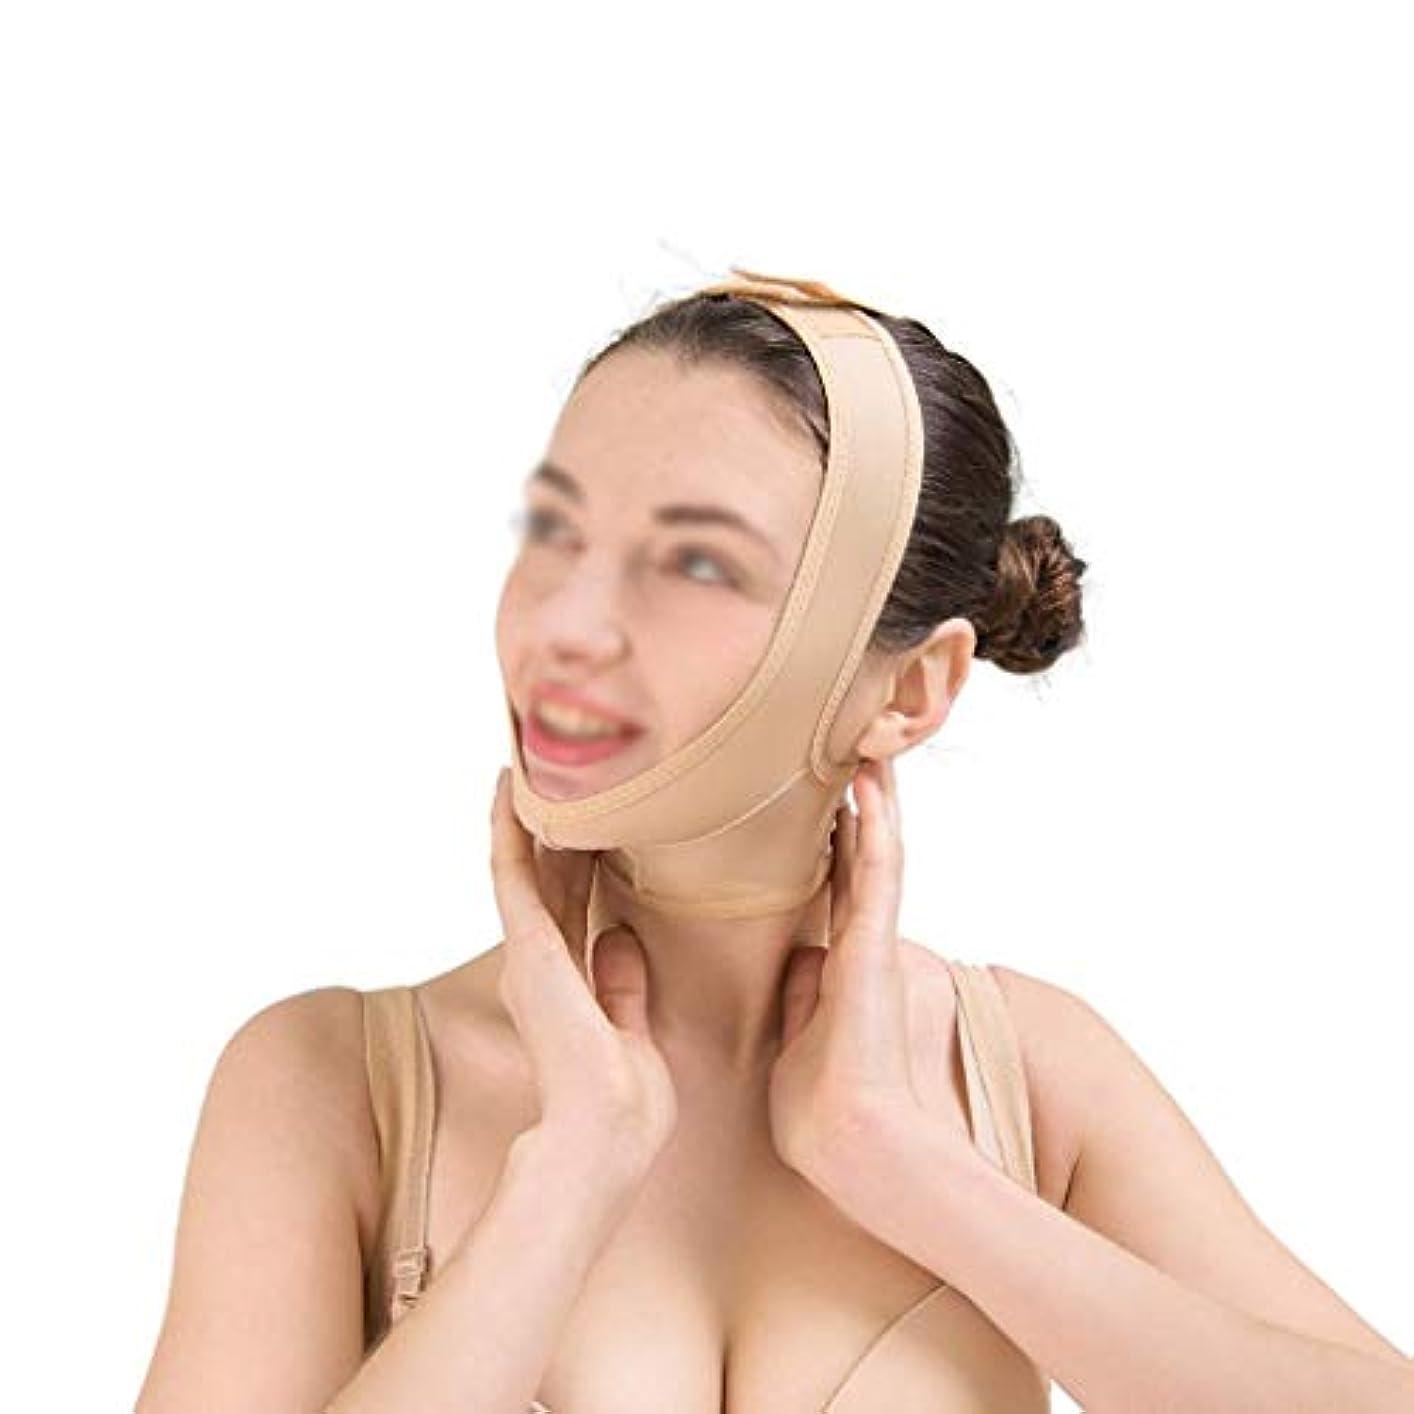 さようなら却下するステープルダブルチンストラップ、包帯の持ち上げ、肌の包帯の持ち上げと引き締め フェイスマスク、快適で 顔の持ち上がるマスク(サイズ:S),S